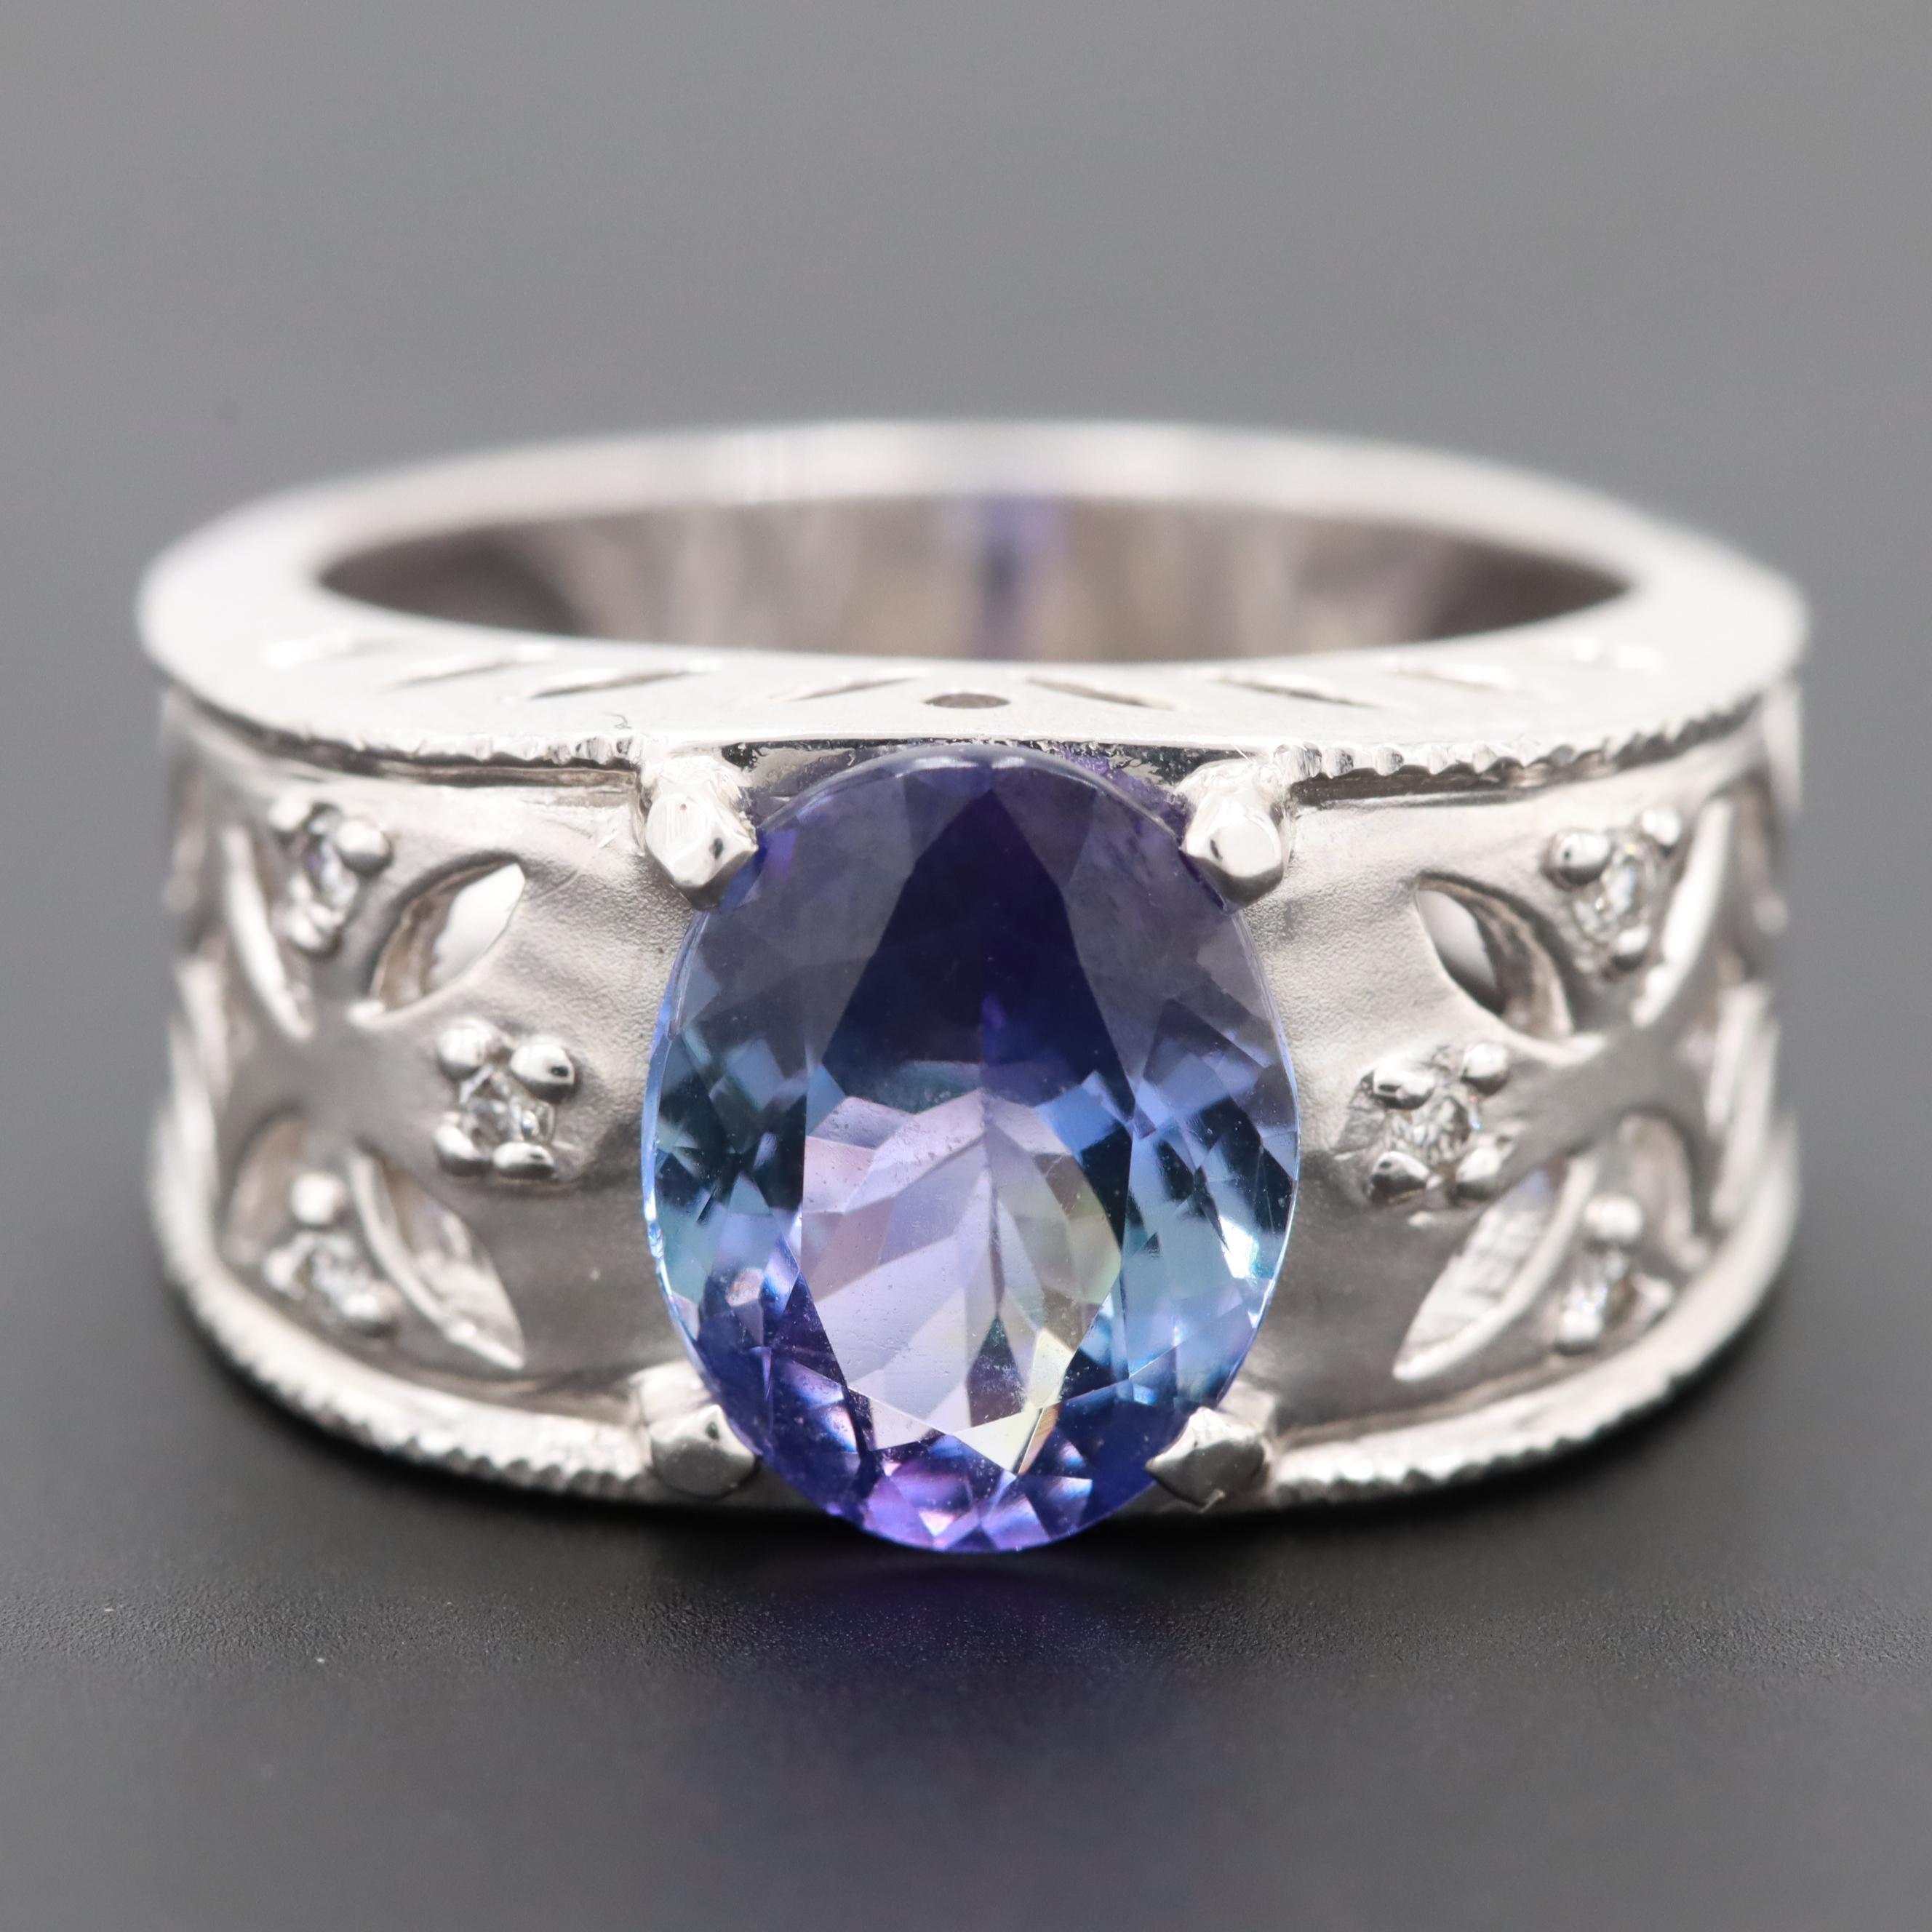 14K White Gold 2.28 CT Tanzanite and Diamond Ring